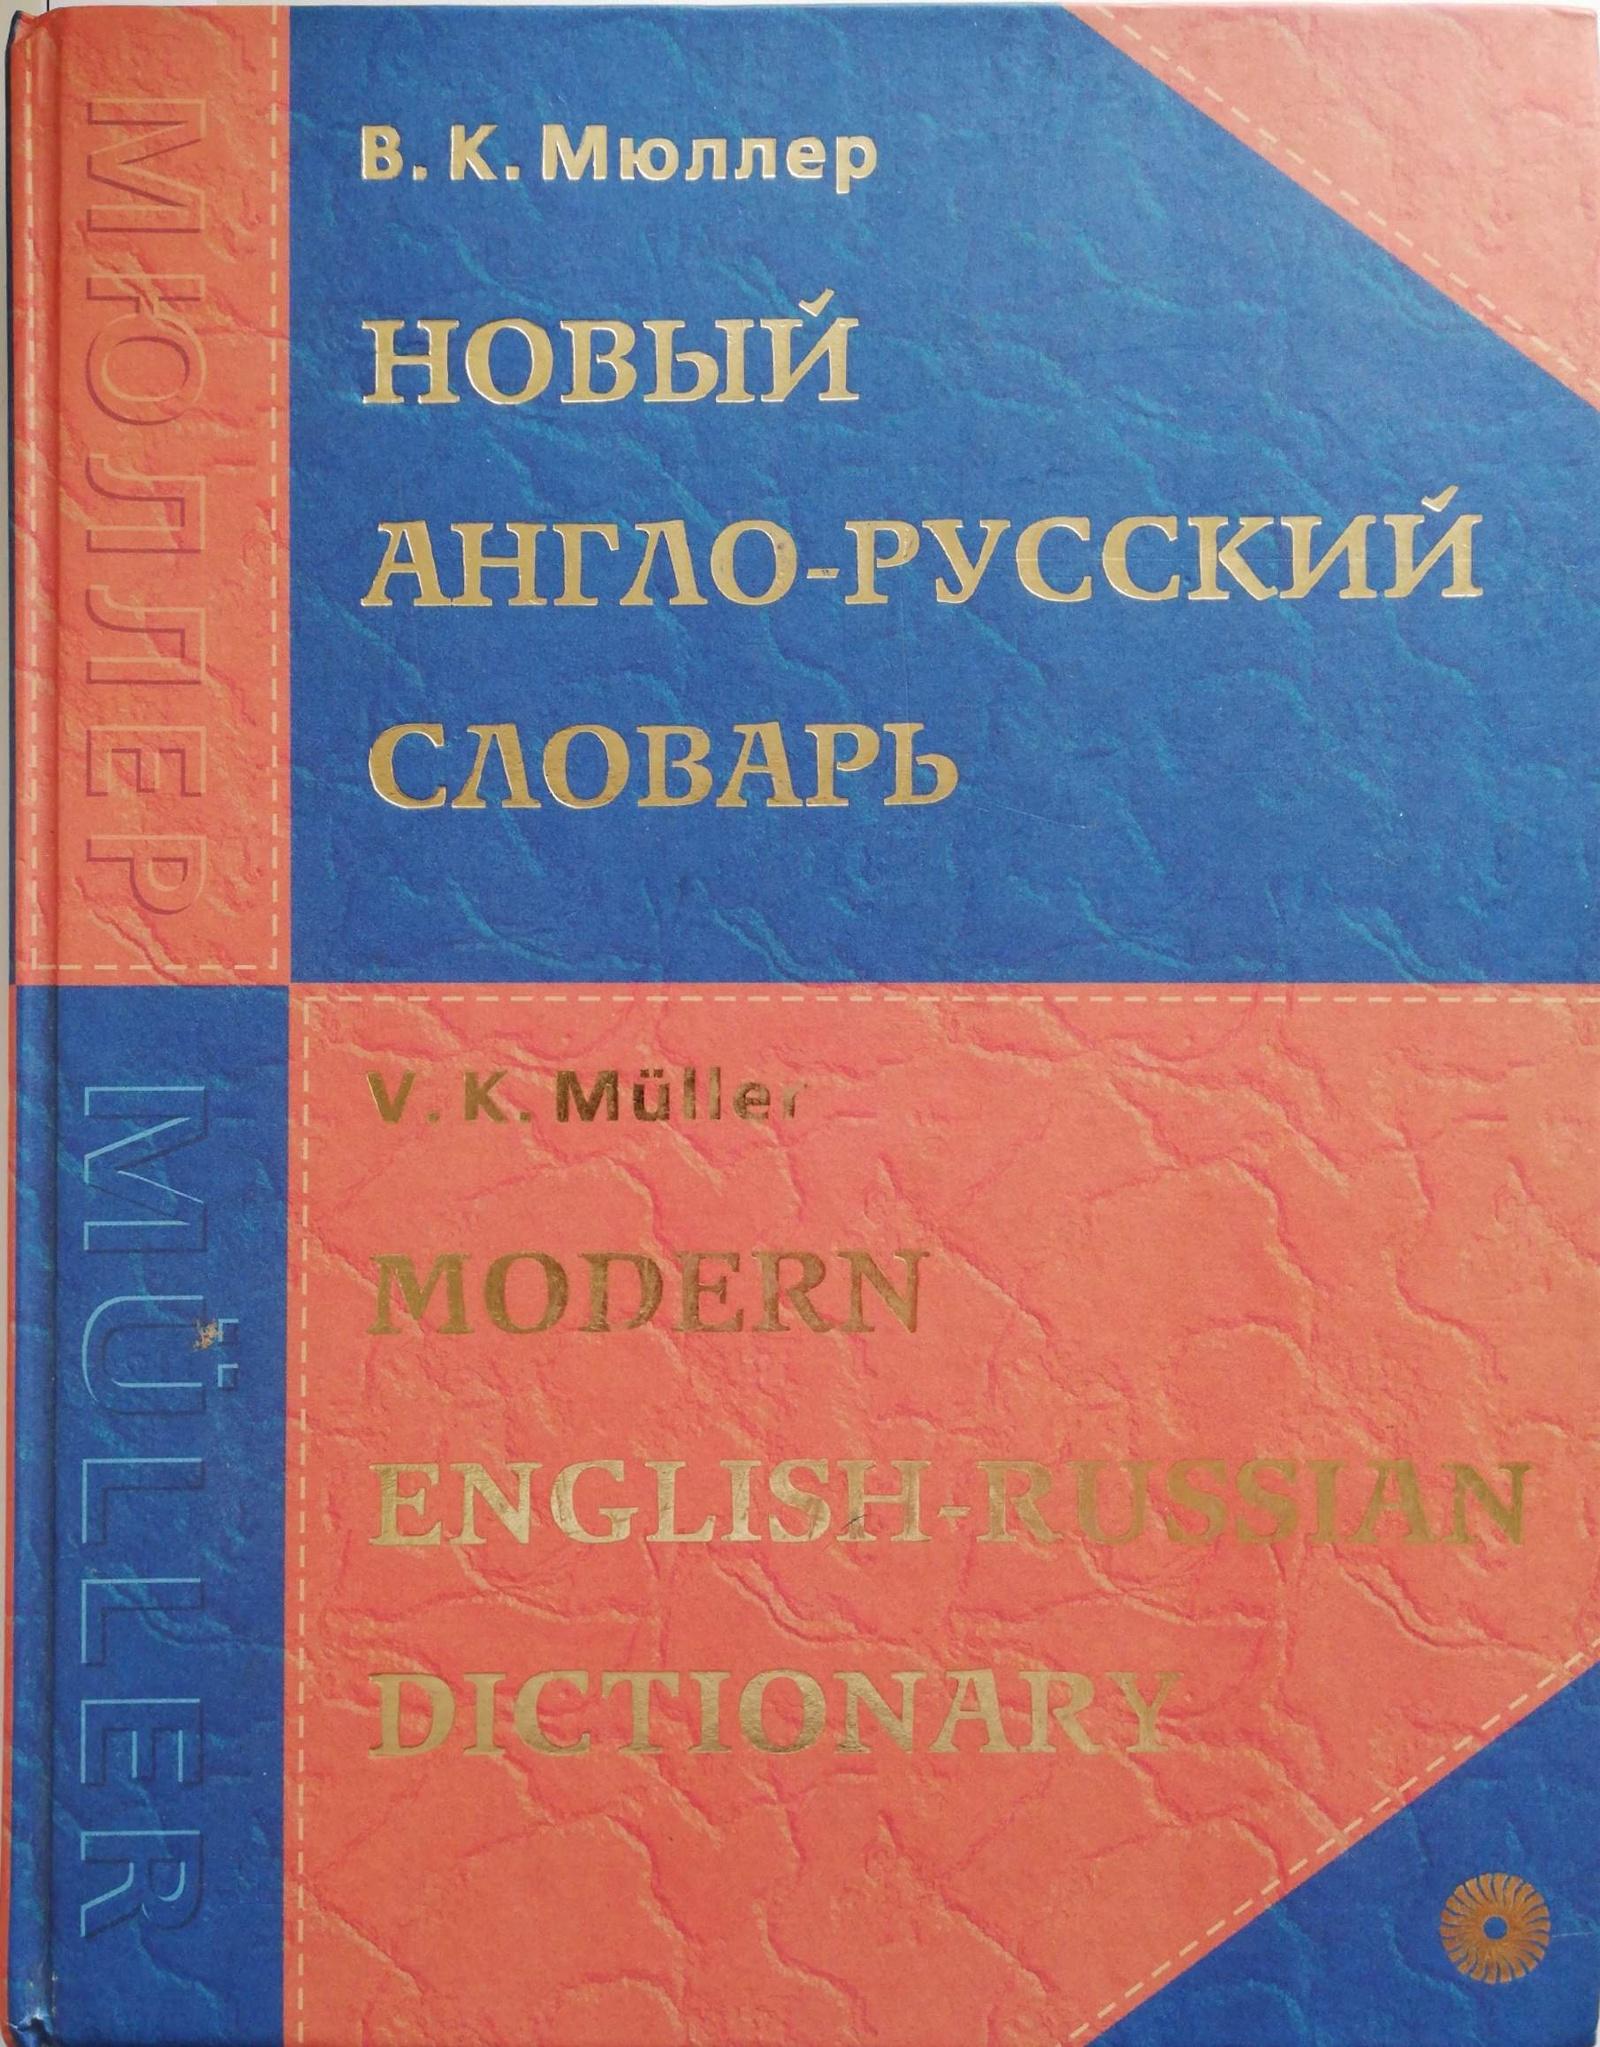 Мюллер Владимир. Новый англо-русский словарь